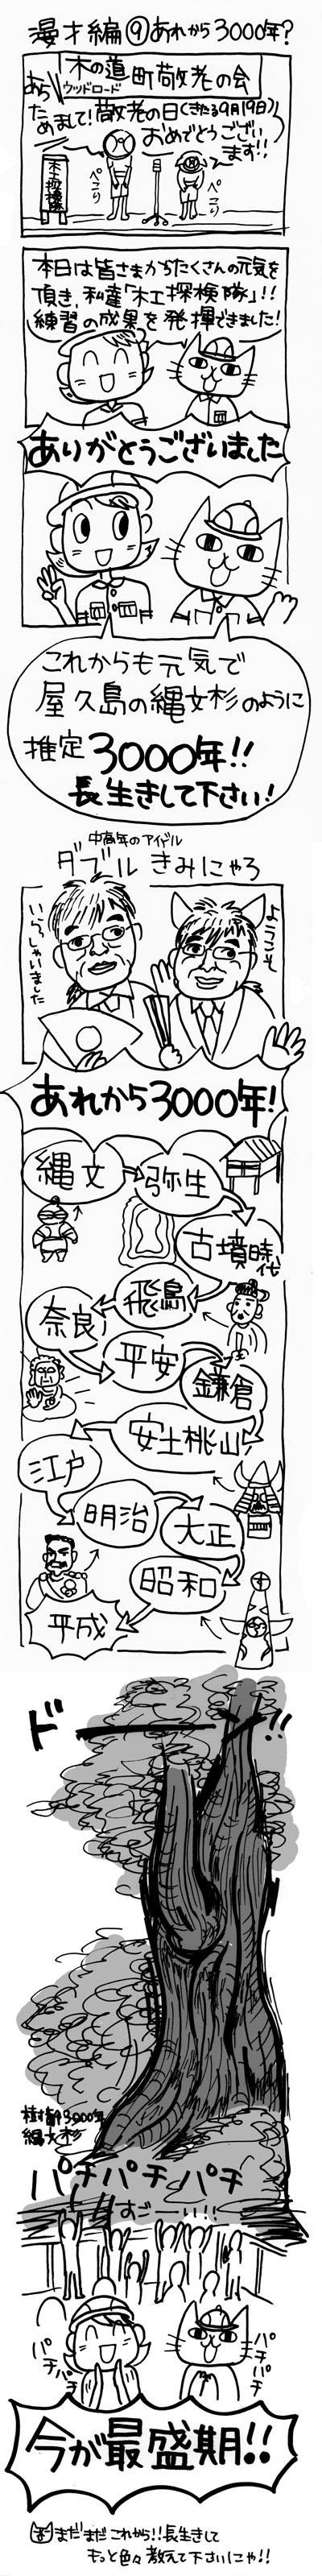 木工漫画 漫才編 9 あれから3000年? 0914